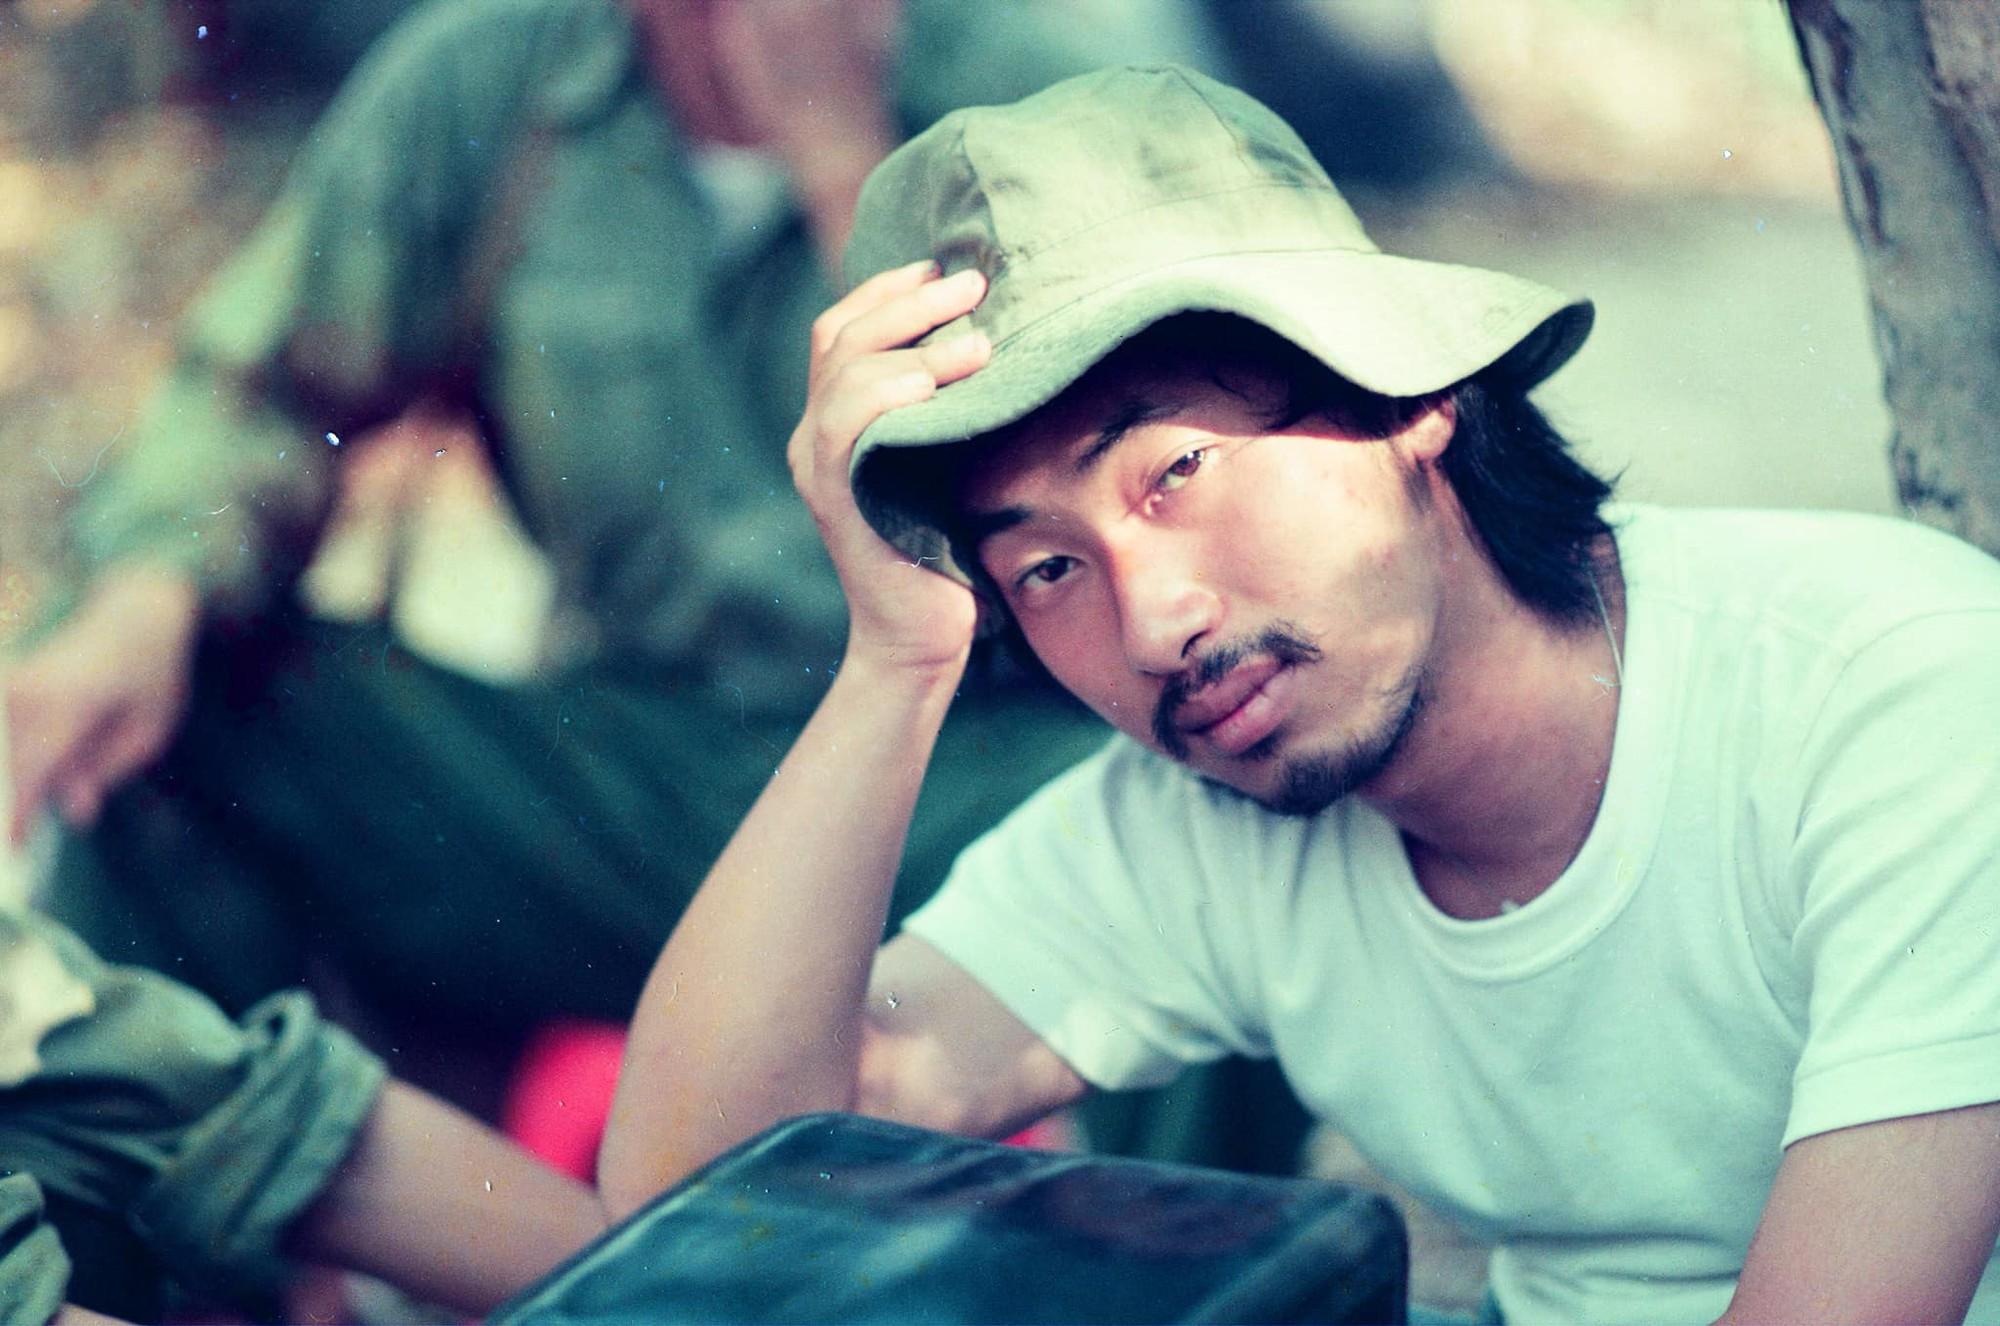 Tin được không, 20 năm trước bác sĩ Hải của Hậu Duệ Mặt Trời bản Việt đẹp trai như một soái ca ngôn tình - Ảnh 15.